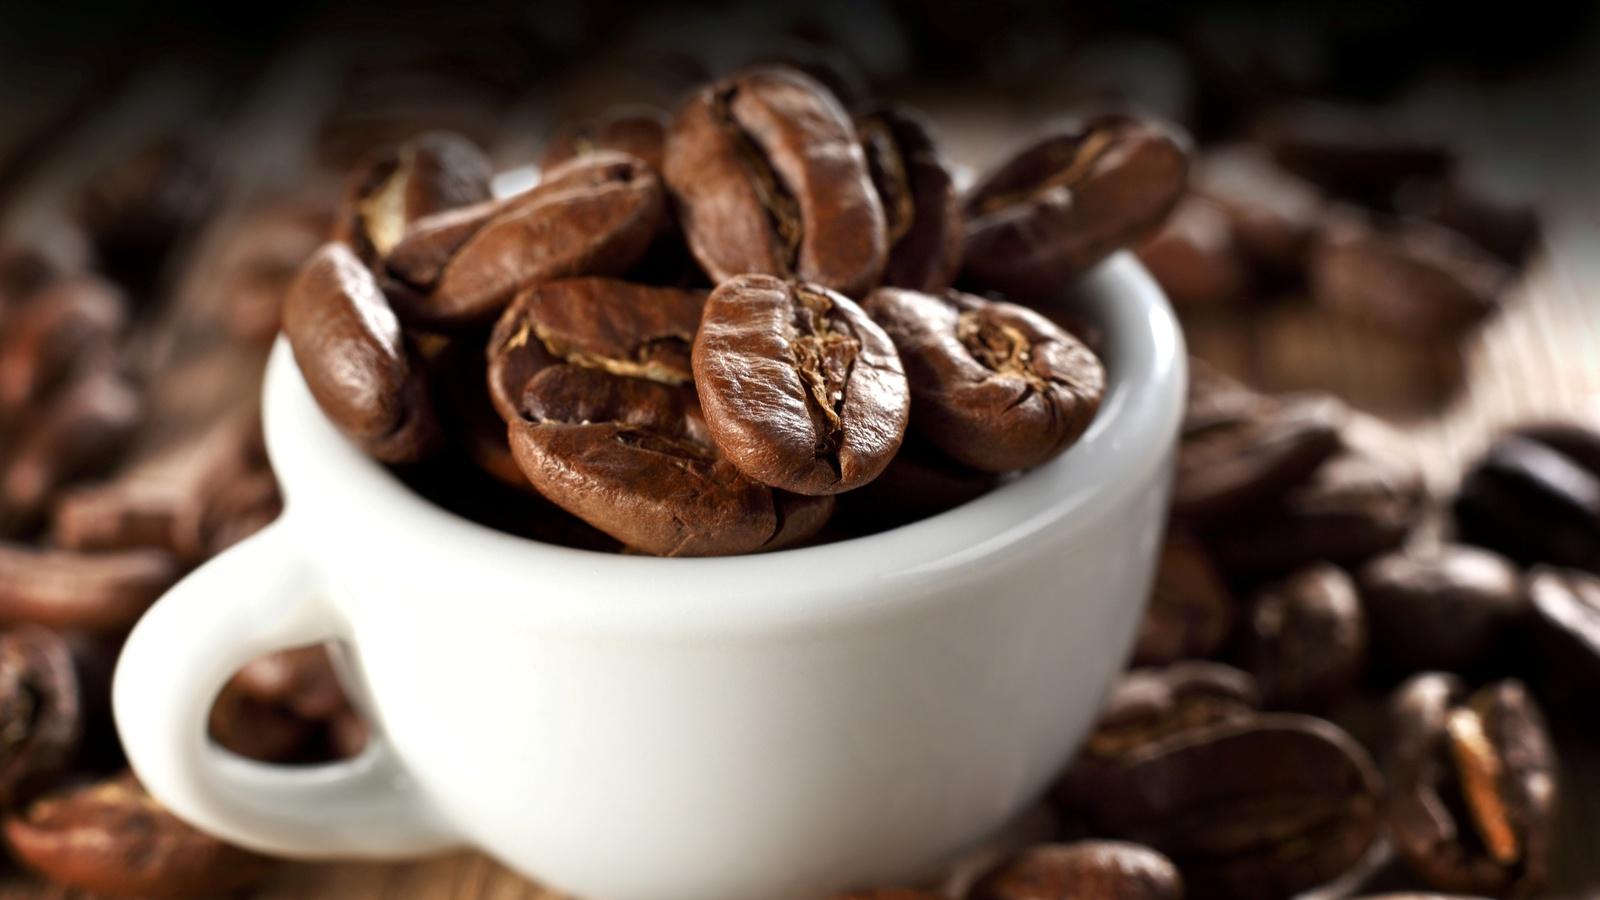 кофе, чашка, белая, фон, Зерна, макро